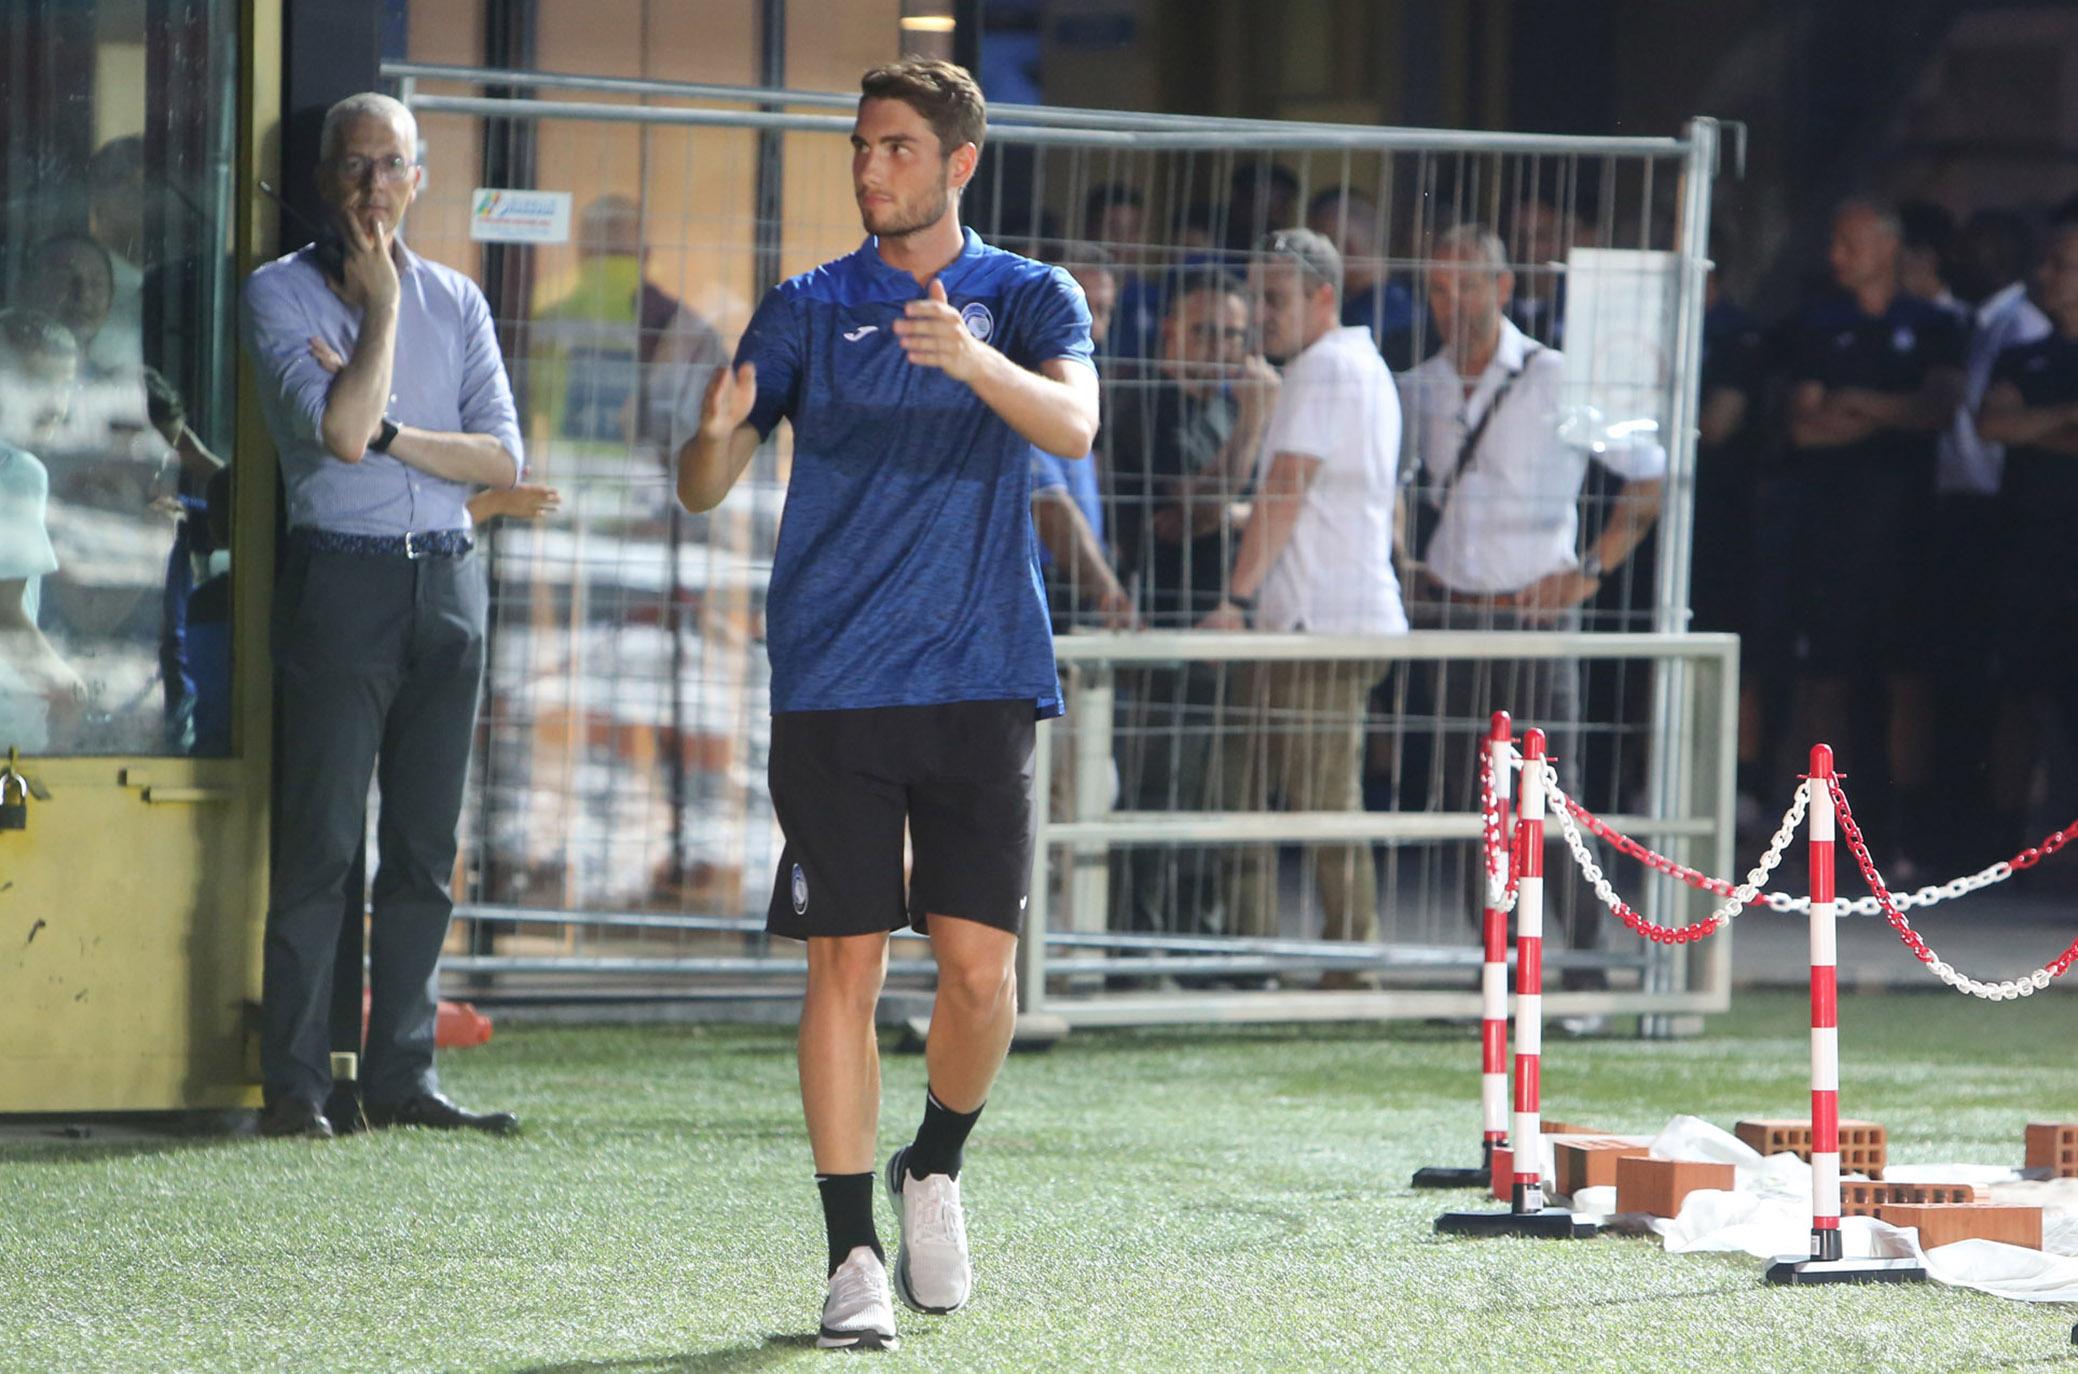 UFFICIALE: Varnier ceduto nuovamente in prestito - Calcio Atalanta